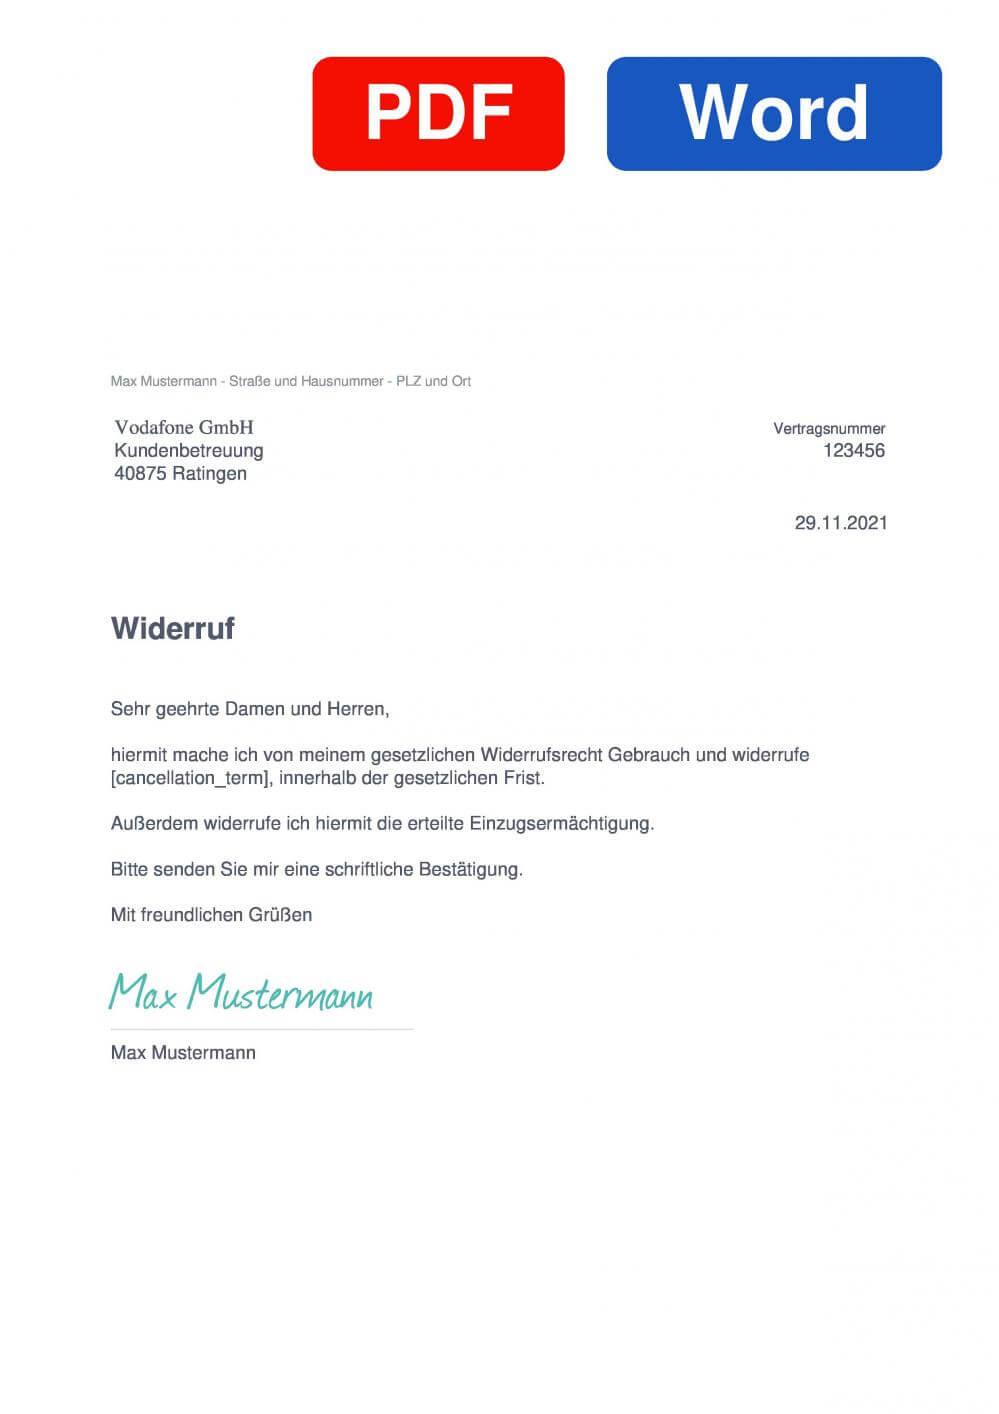 Vodafone Gigacube Muster Vorlage für Wiederrufsschreiben